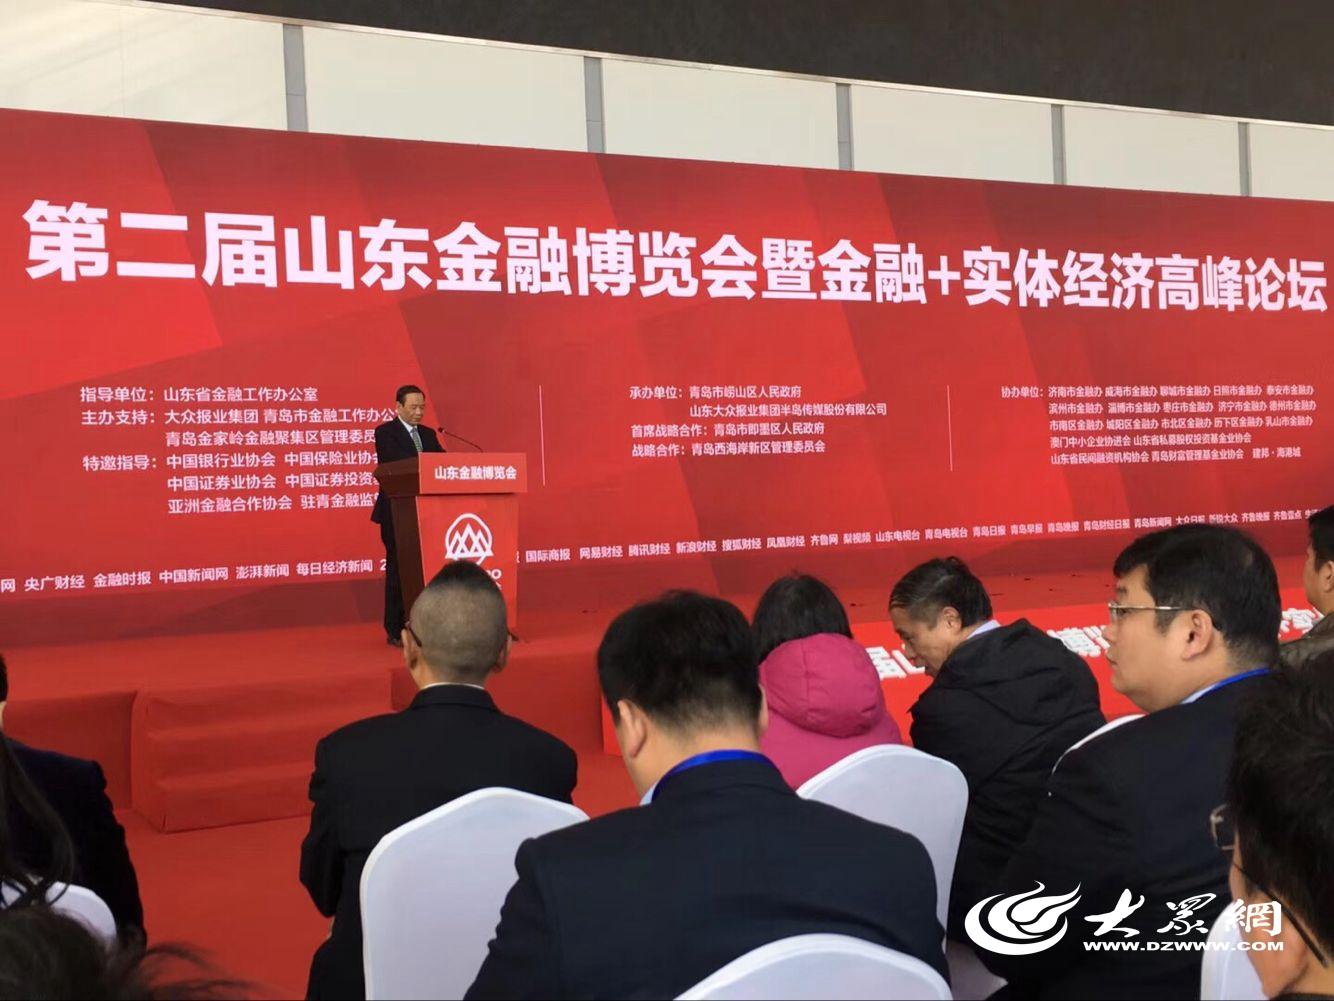 青岛大学教授,中国社科院原主任易宪容先生也在论坛中进行了题为